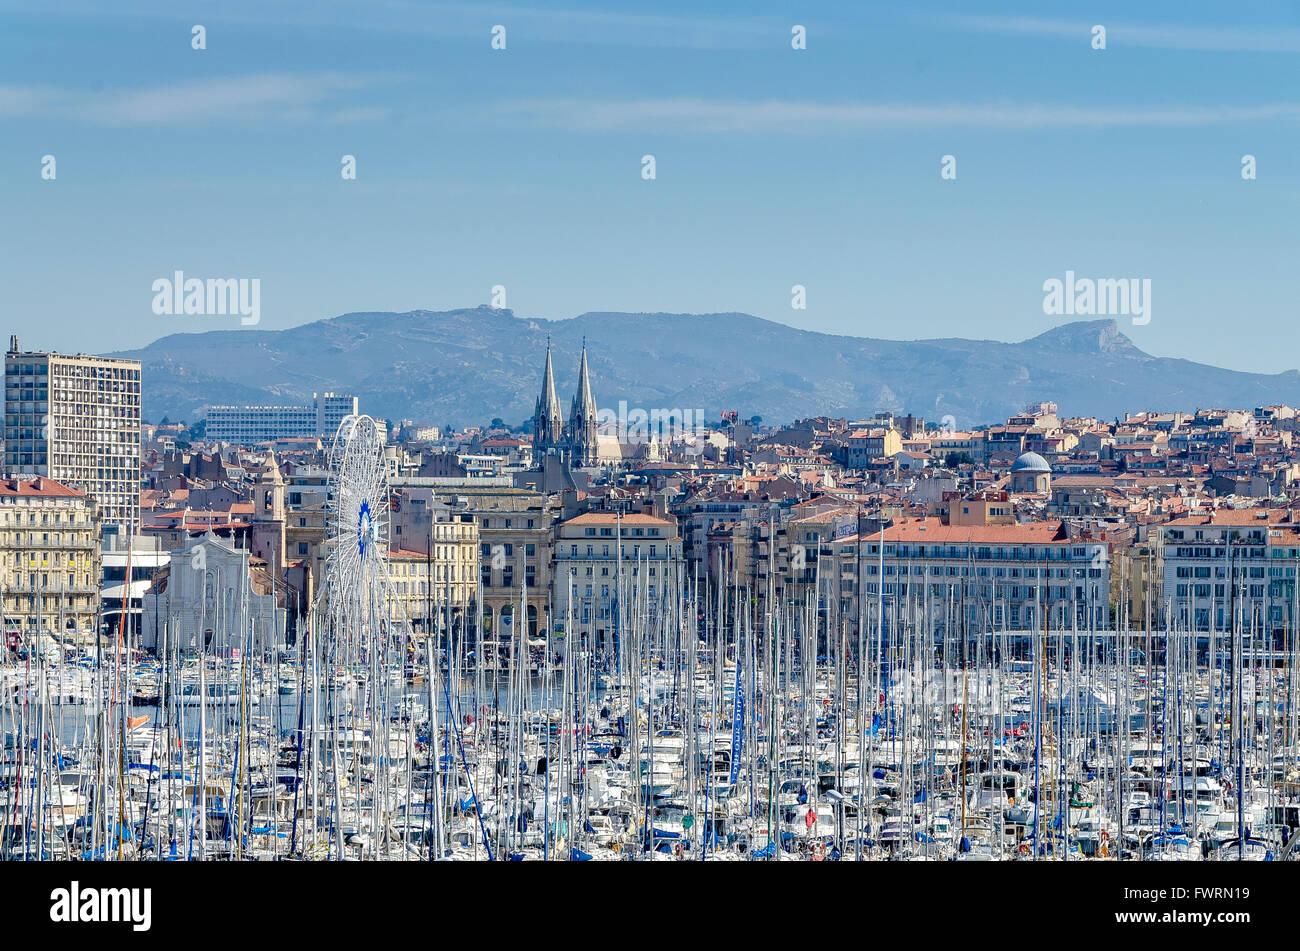 Vieux port marseille bdr france 13 stock photo royalty - Promenade bateau marseille vieux port ...